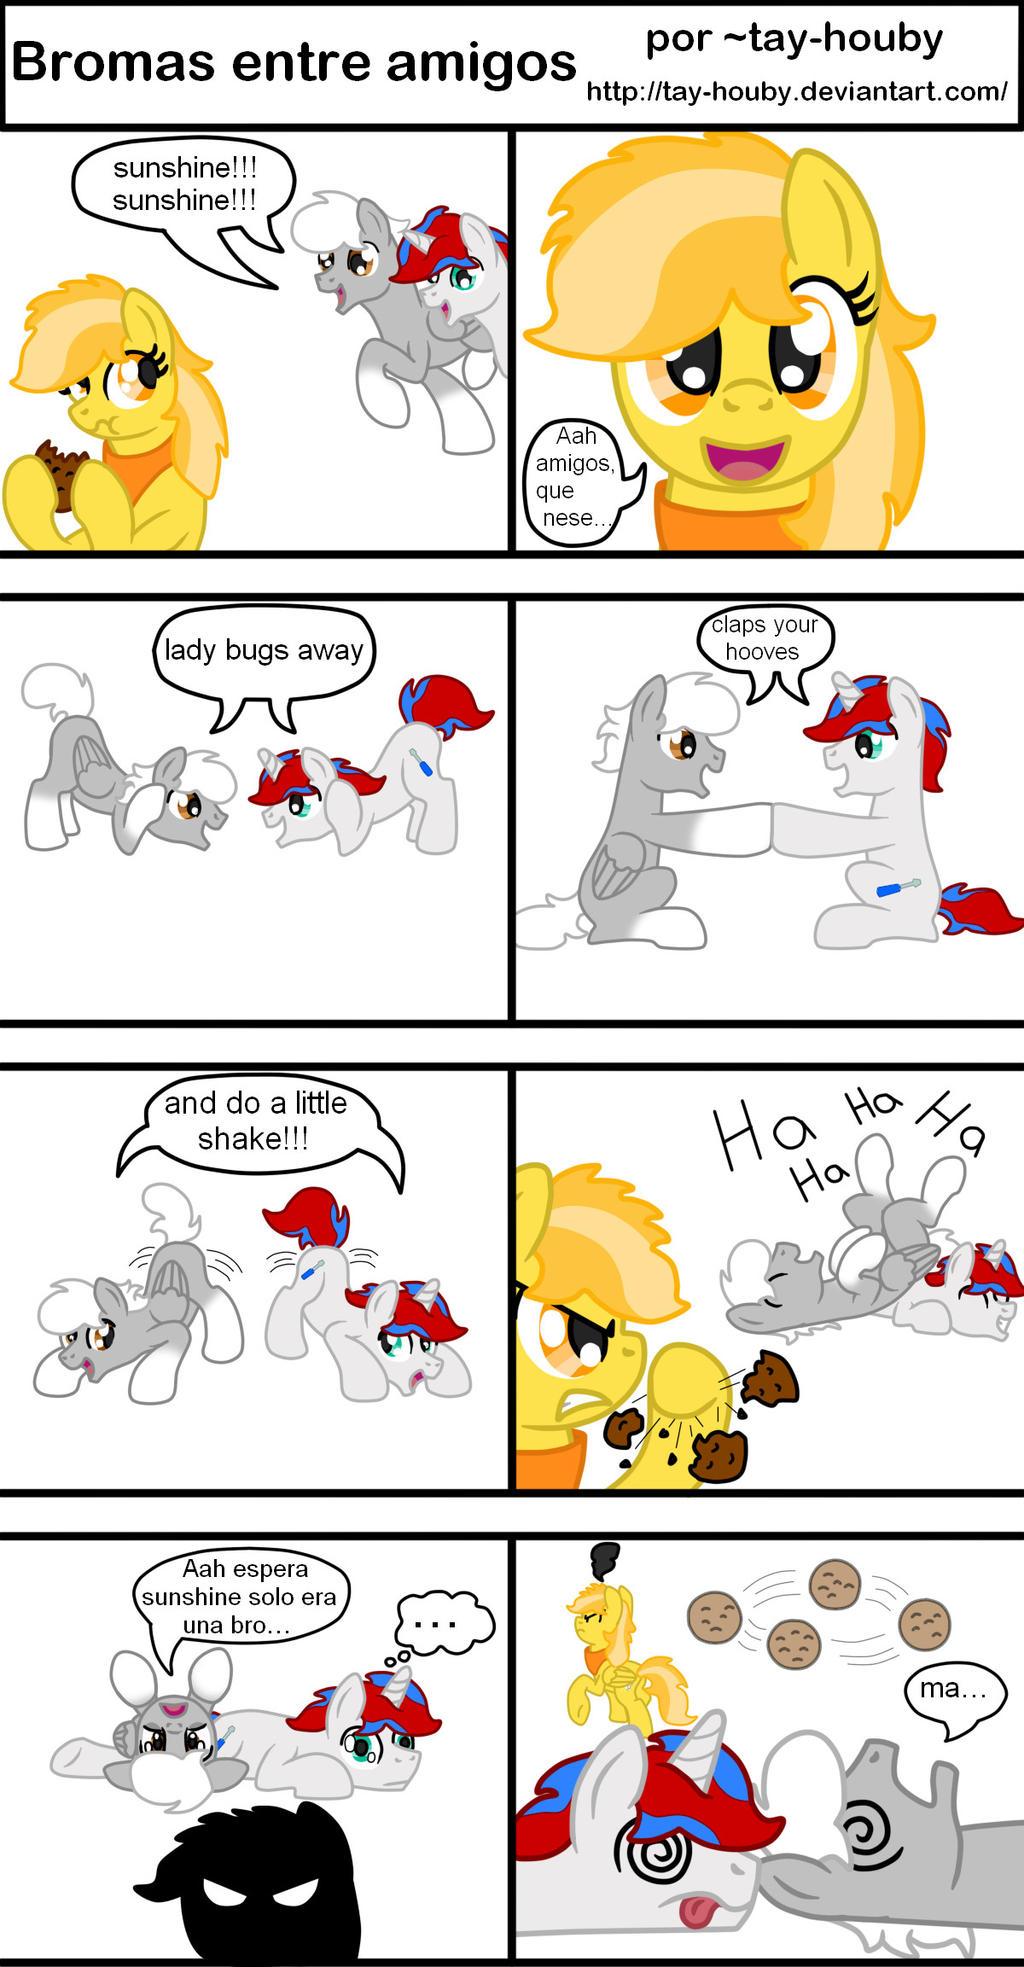 comics random de Tay: cosas que opasan y bromas entre amigos Bromas_entre_amigos_by_tay_houby-d62dtd7